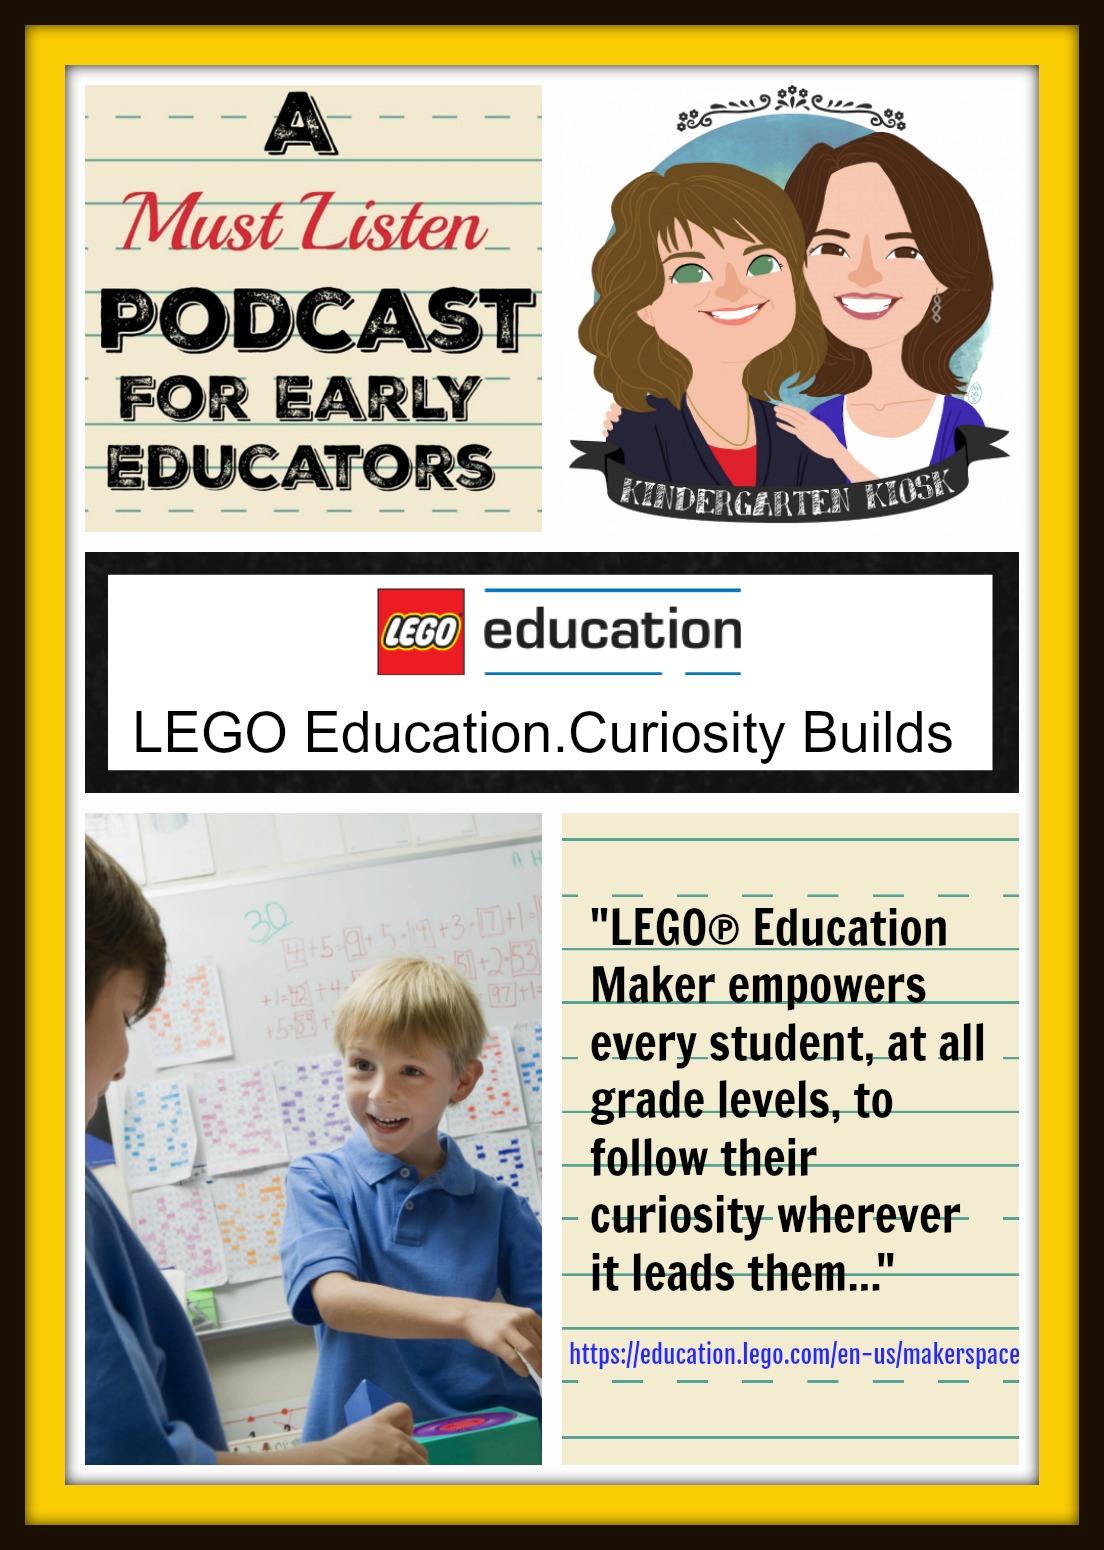 lego-maker-kindergarten-kiosk.jpg